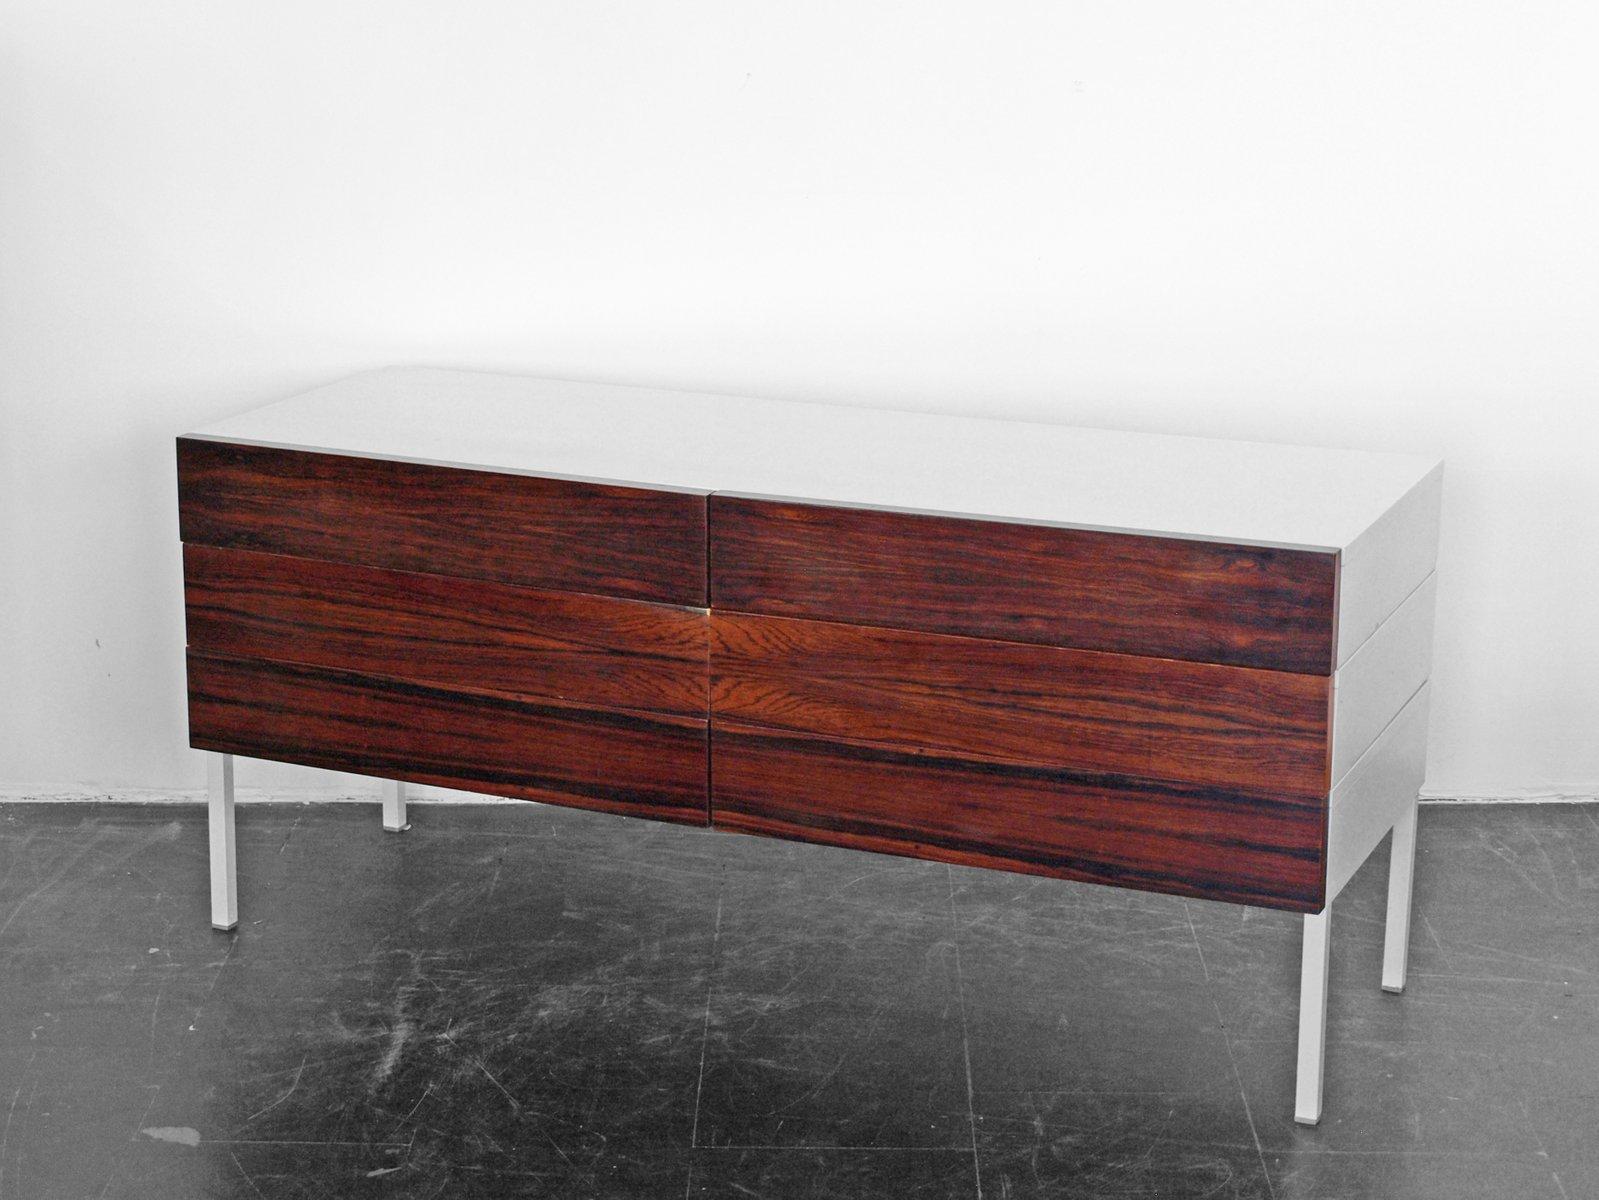 vintage sideboard aus rio palisander von interl bke 1970er bei pamono kaufen. Black Bedroom Furniture Sets. Home Design Ideas